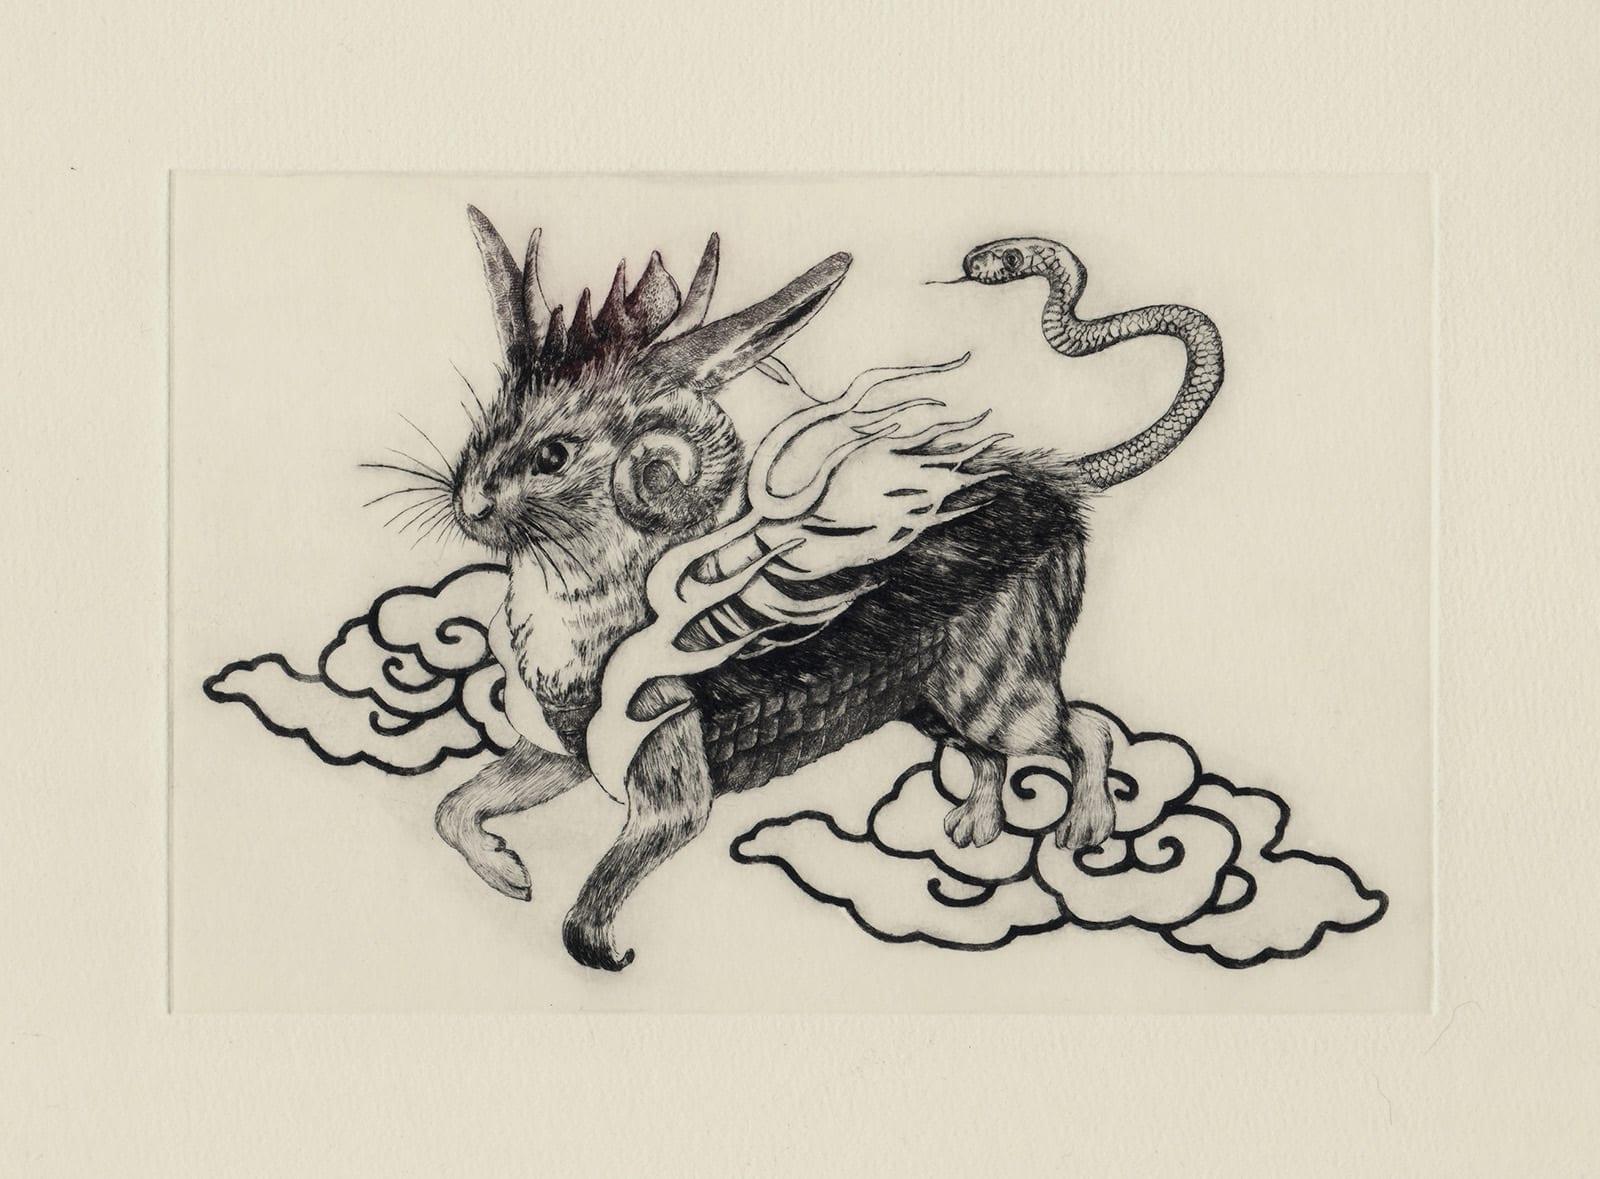 十二支之獣 (drypoint etching by Yaemi Shigyo)